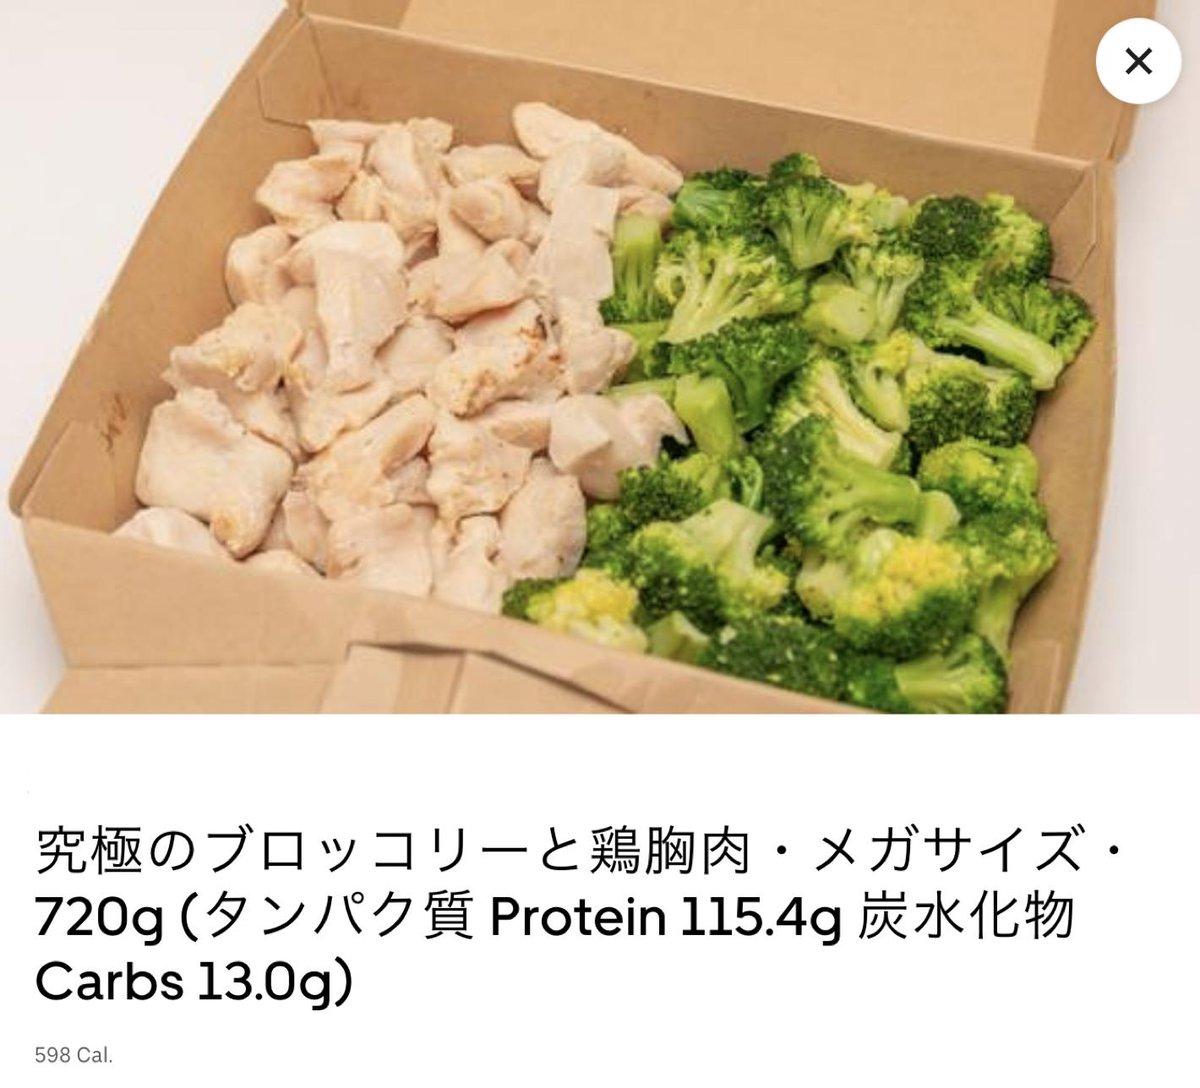 肉 ブロッコリー と 胸 の 究極 鶏